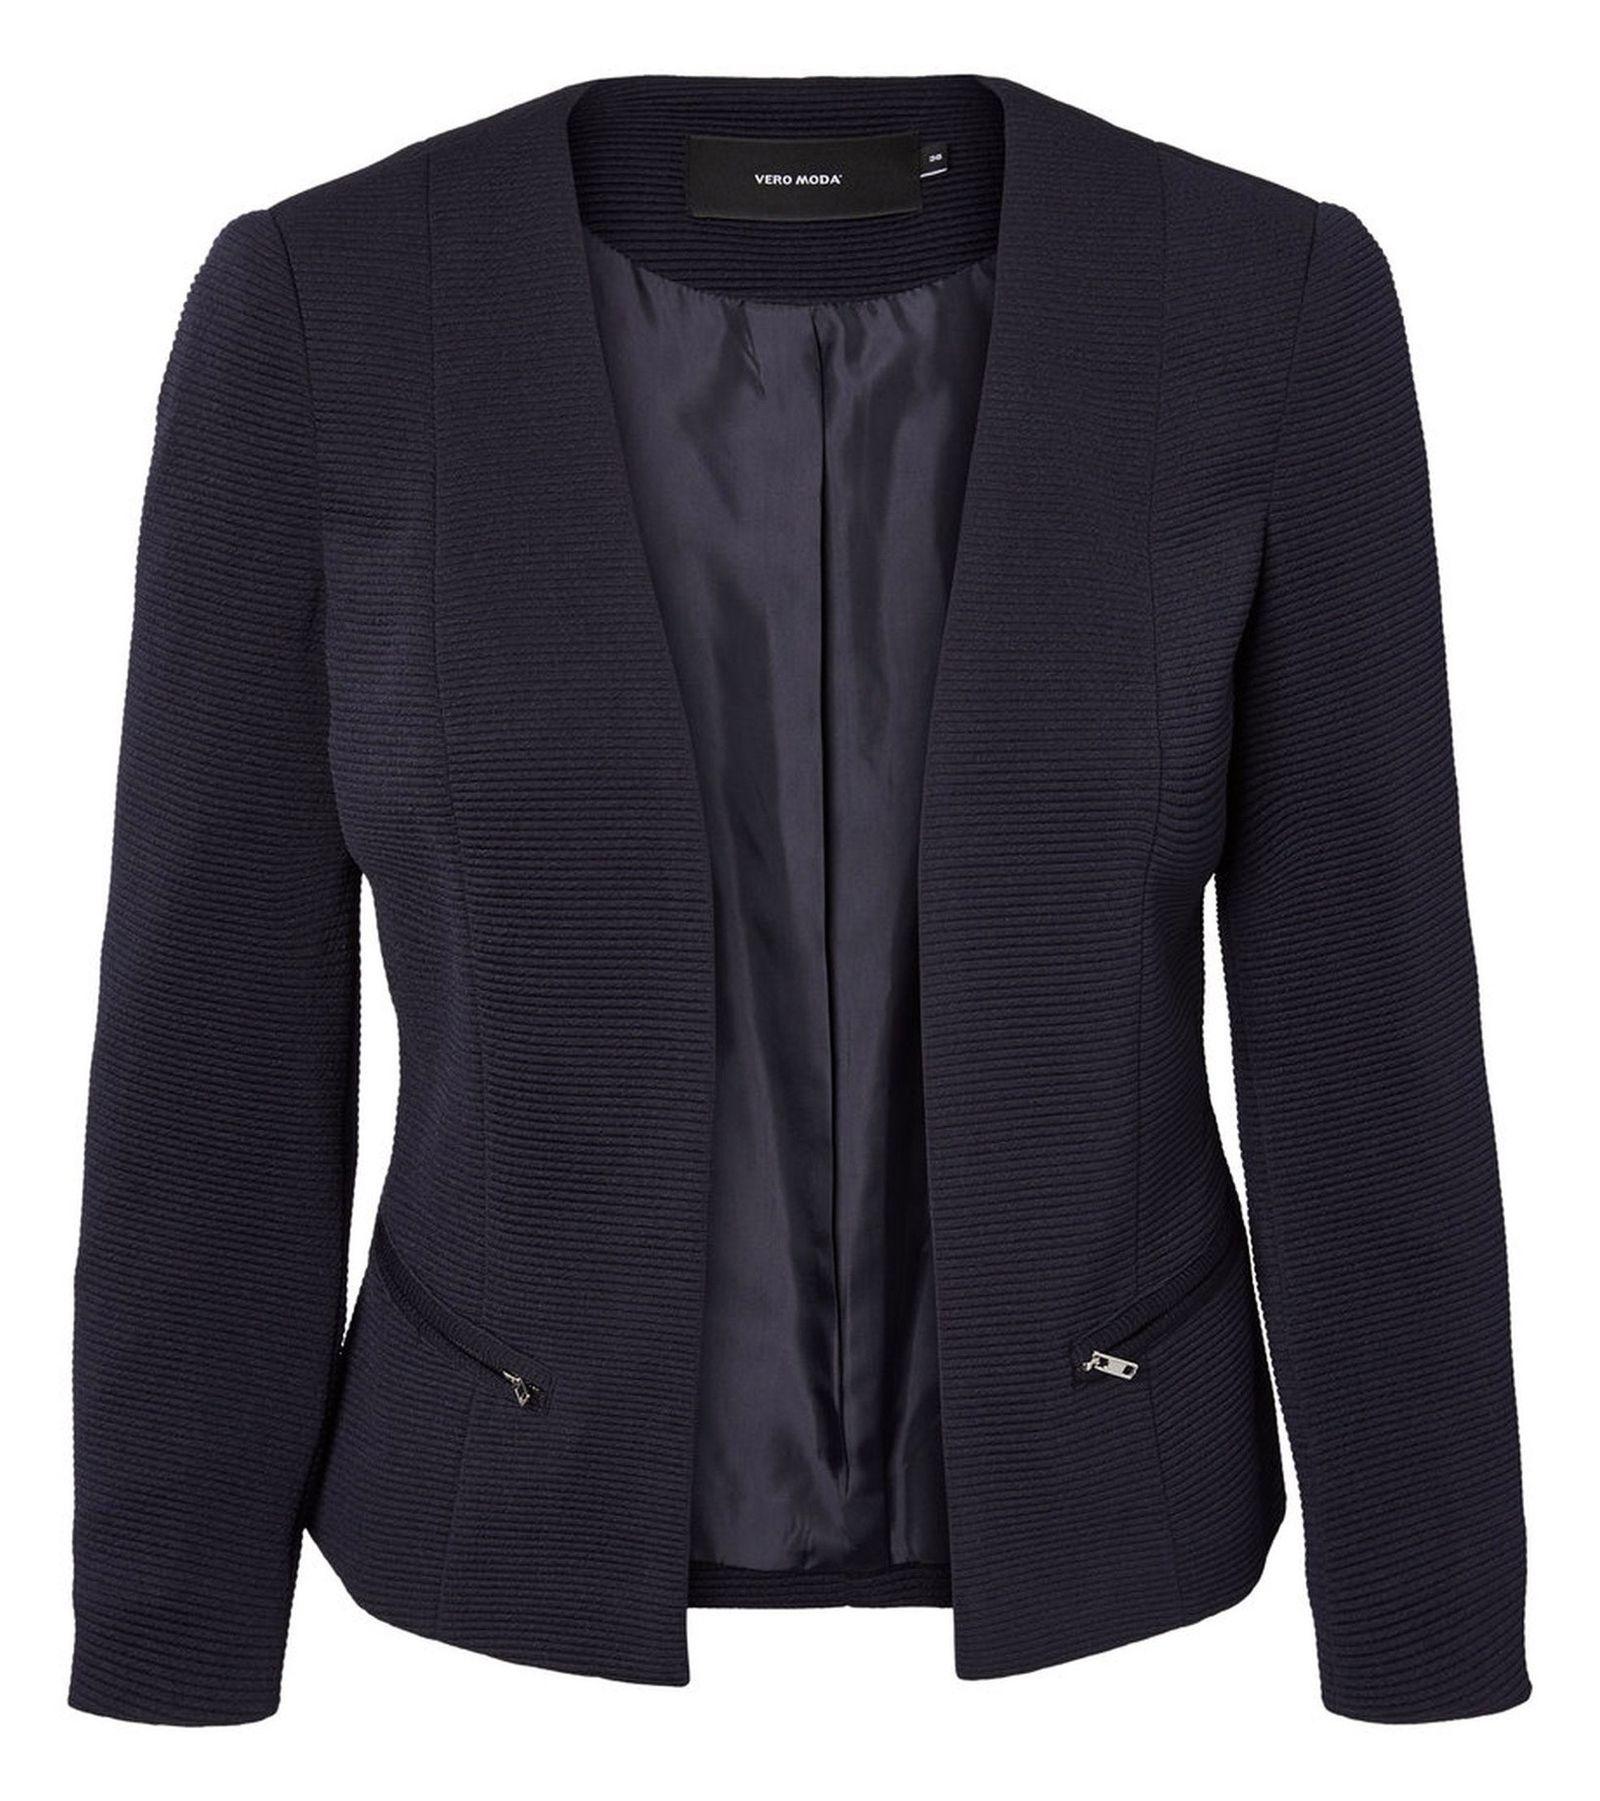 کت کوتاه زنانه - ورو مدا - سرمه اي  - 1